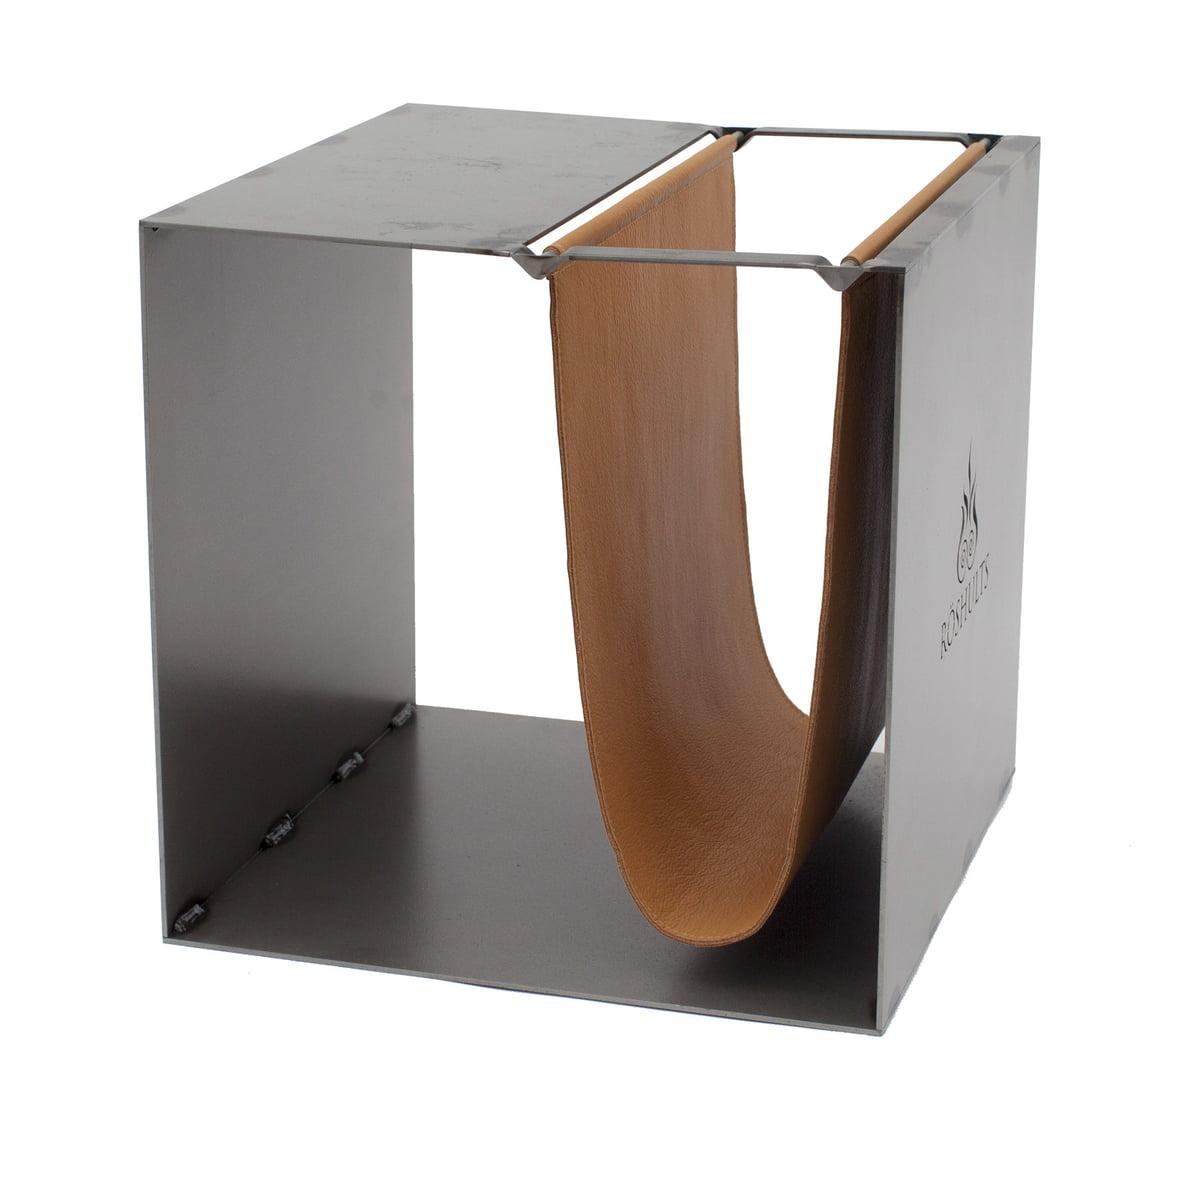 meuble multifonction broome de r shults dans l 39 e boutique. Black Bedroom Furniture Sets. Home Design Ideas